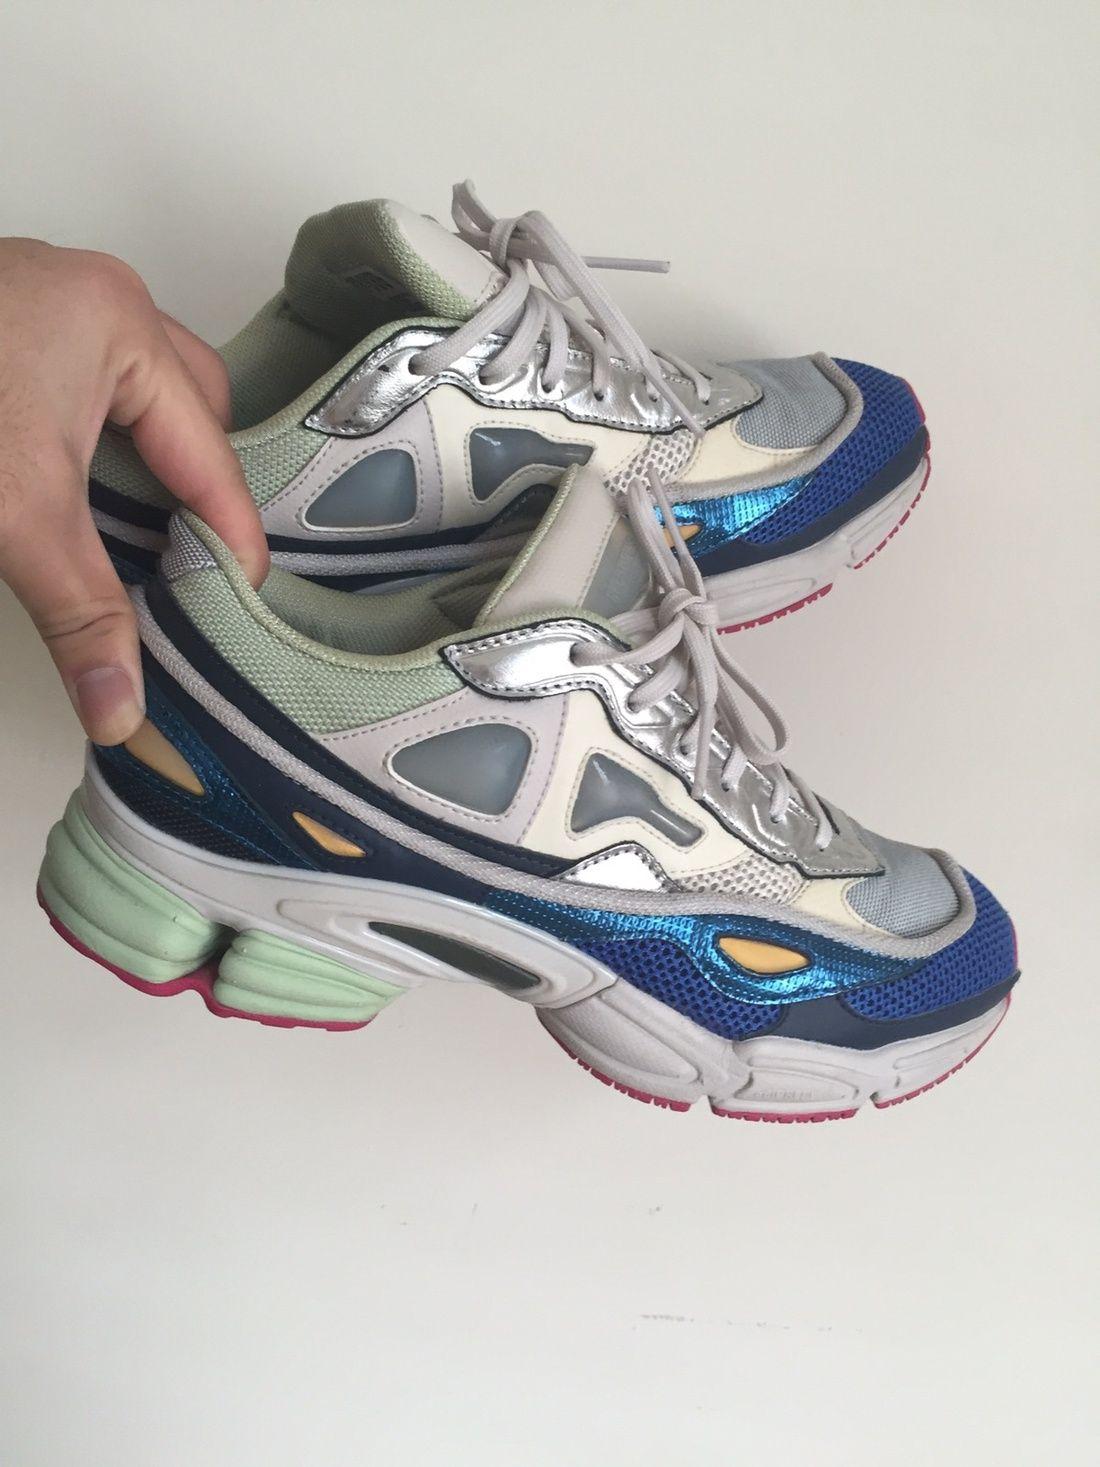 a0cd9edfad5 Adidas × Raf Simons Raf Simons Ozweego 2 Size 8.5  405 - Grailed